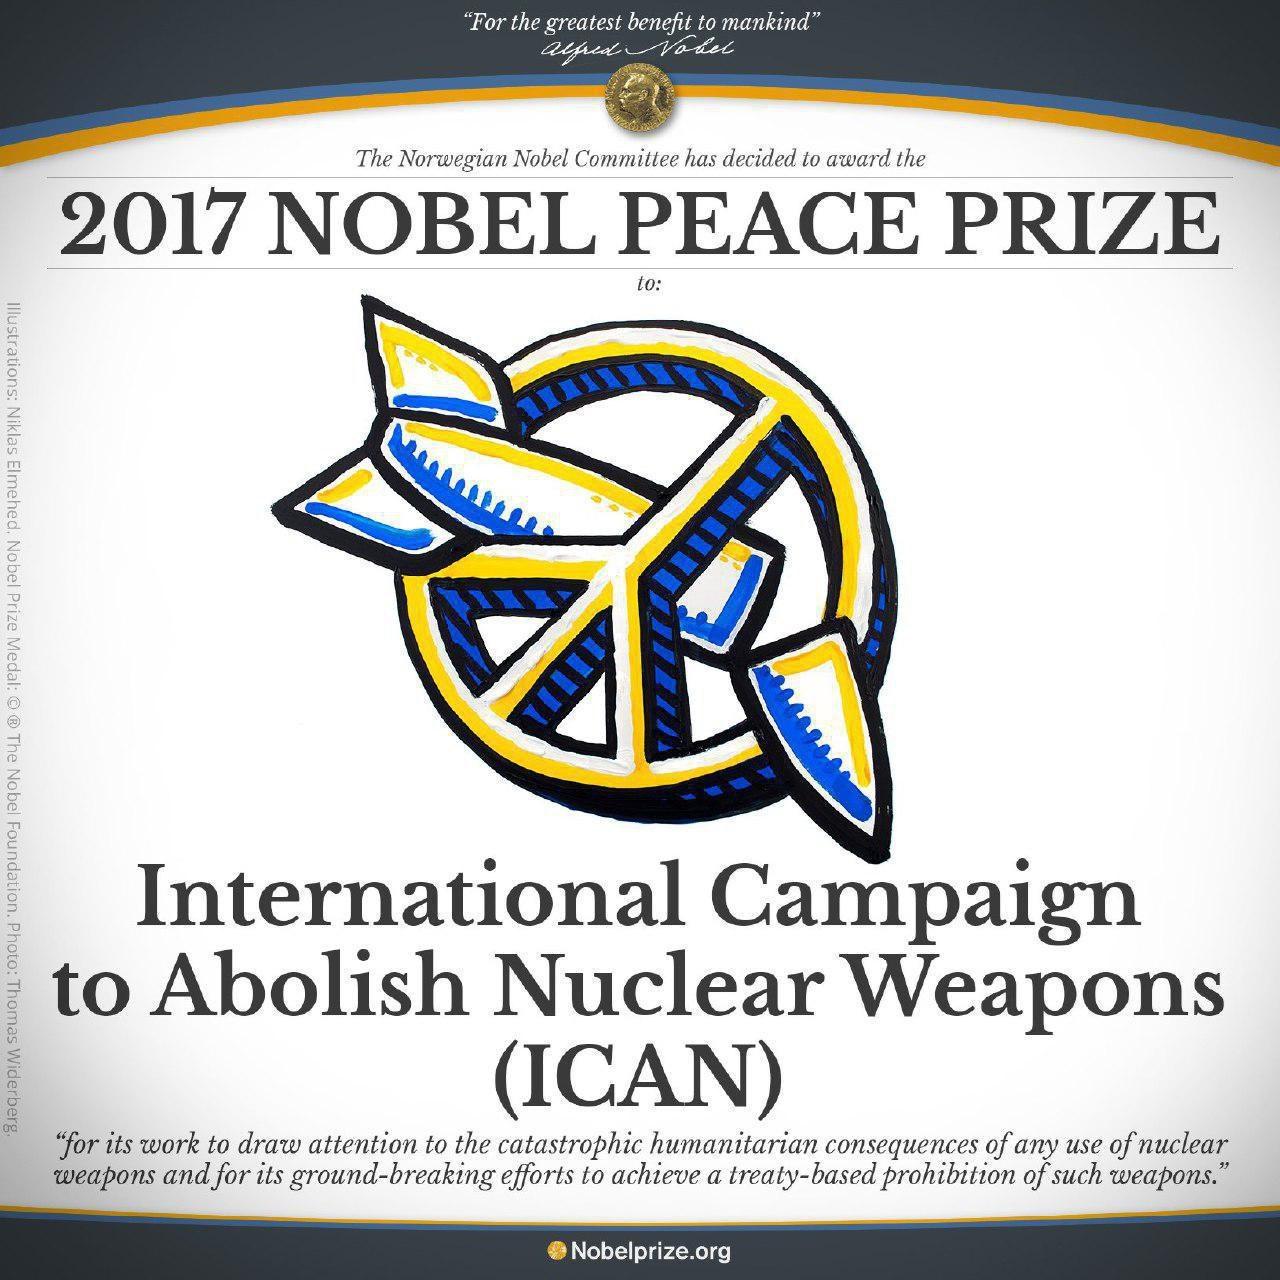 برنده جایزه نوبل صلح ۲۰۱۷ اعلام شد